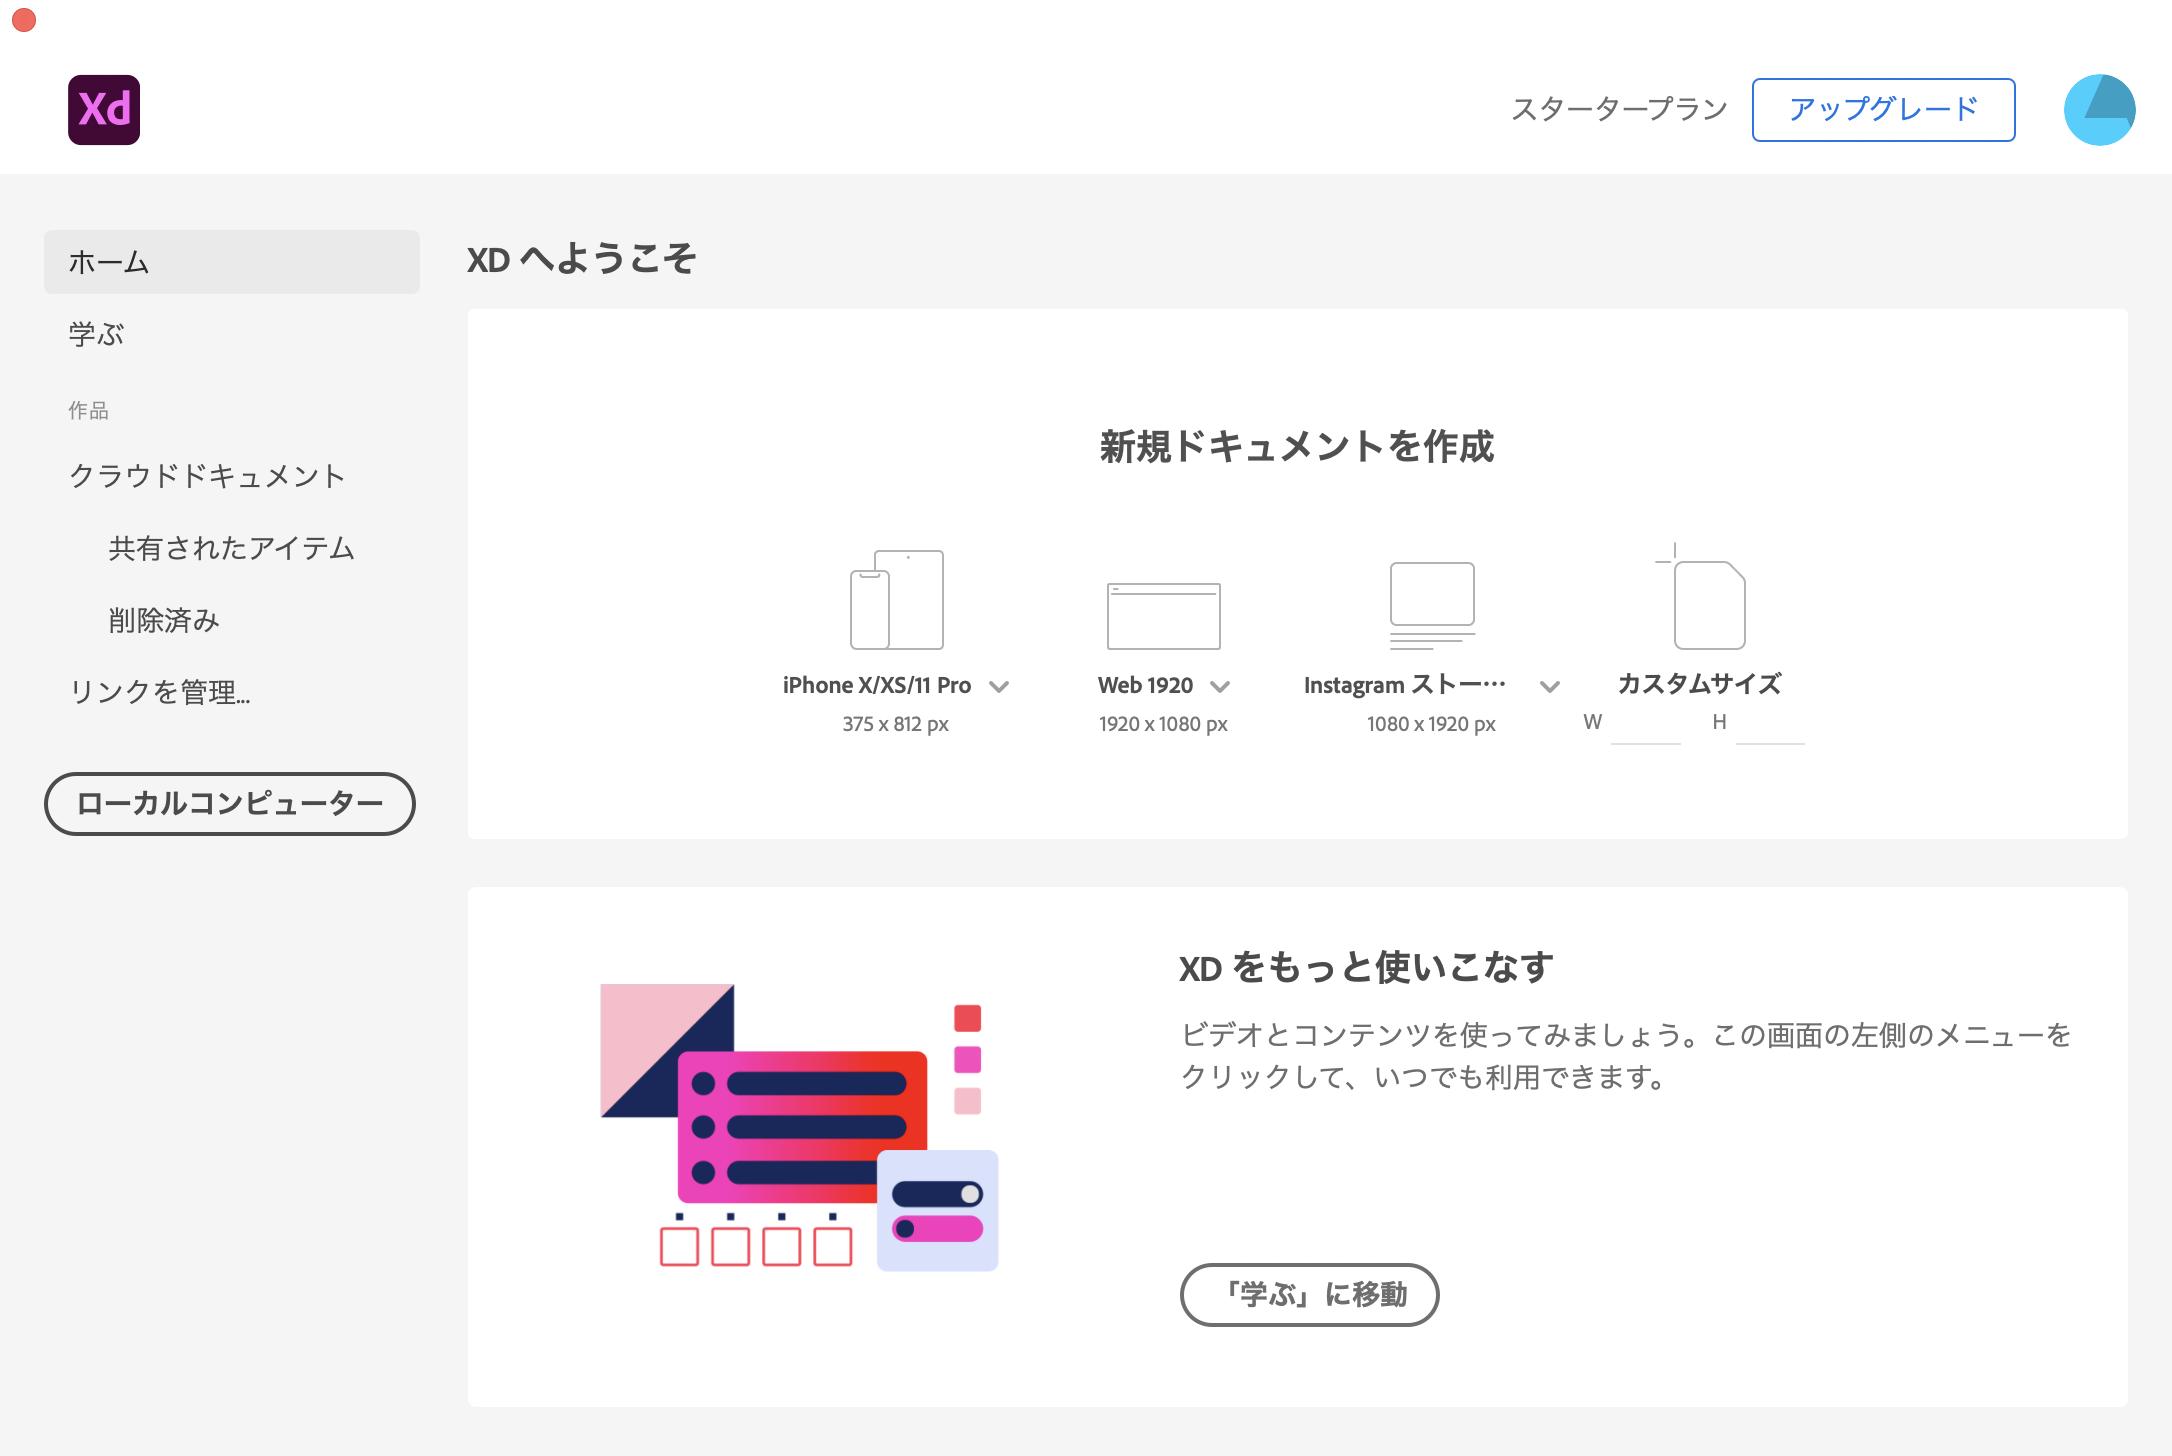 Adobe XD desktop